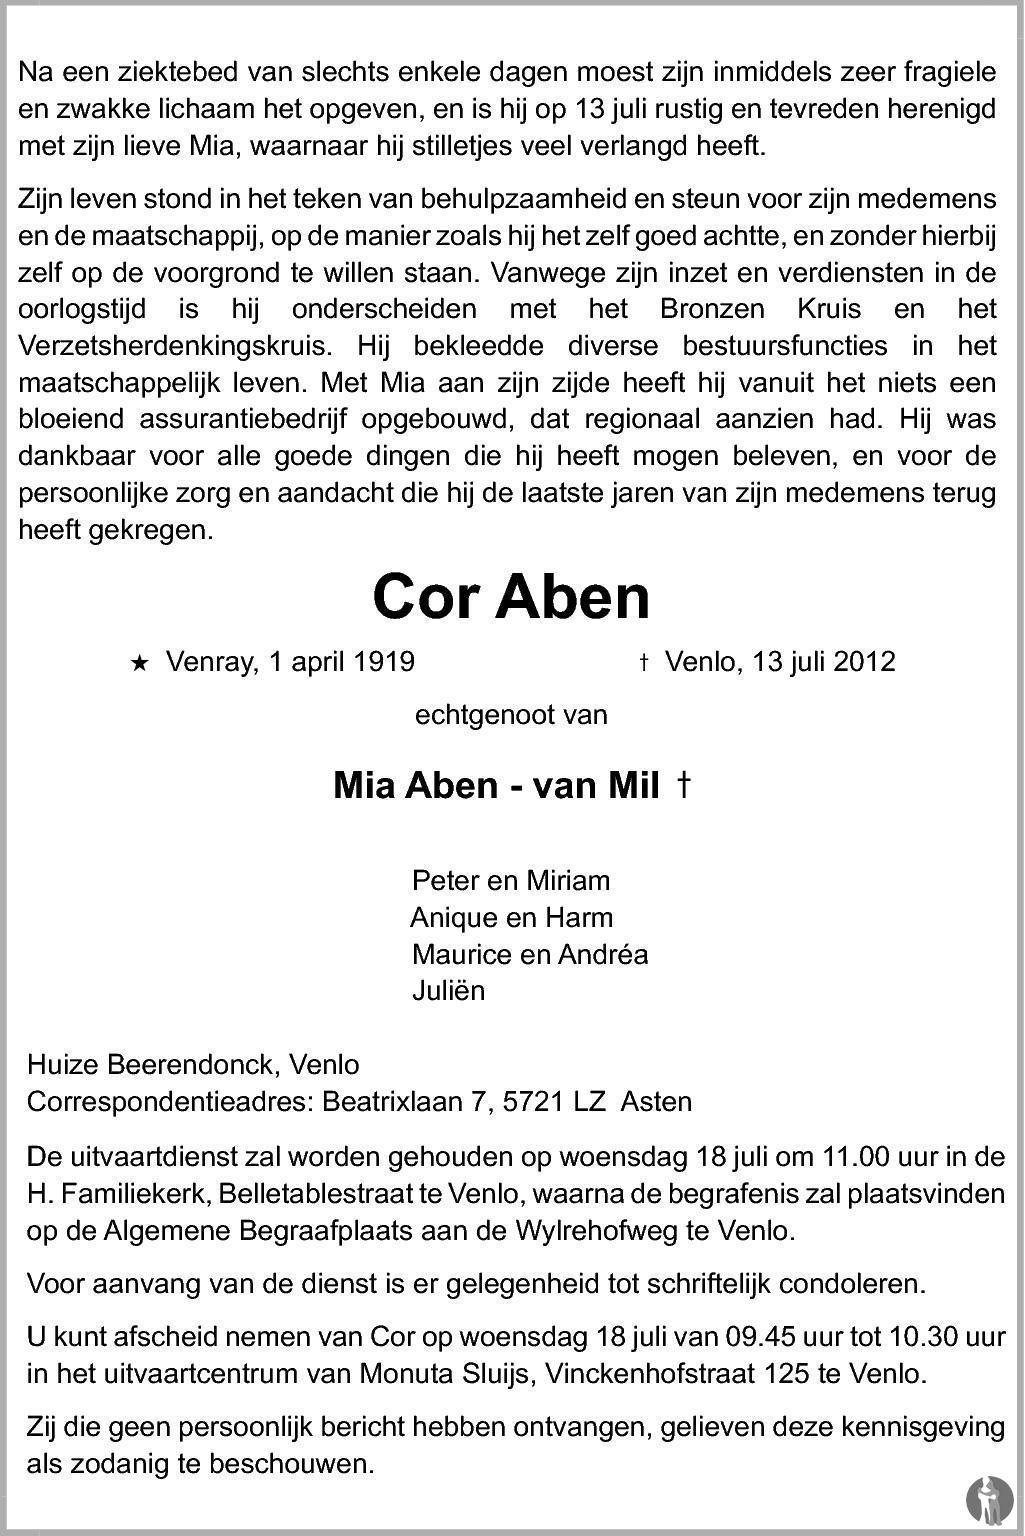 Overlijdensbericht van Cor Aben in De Limburger